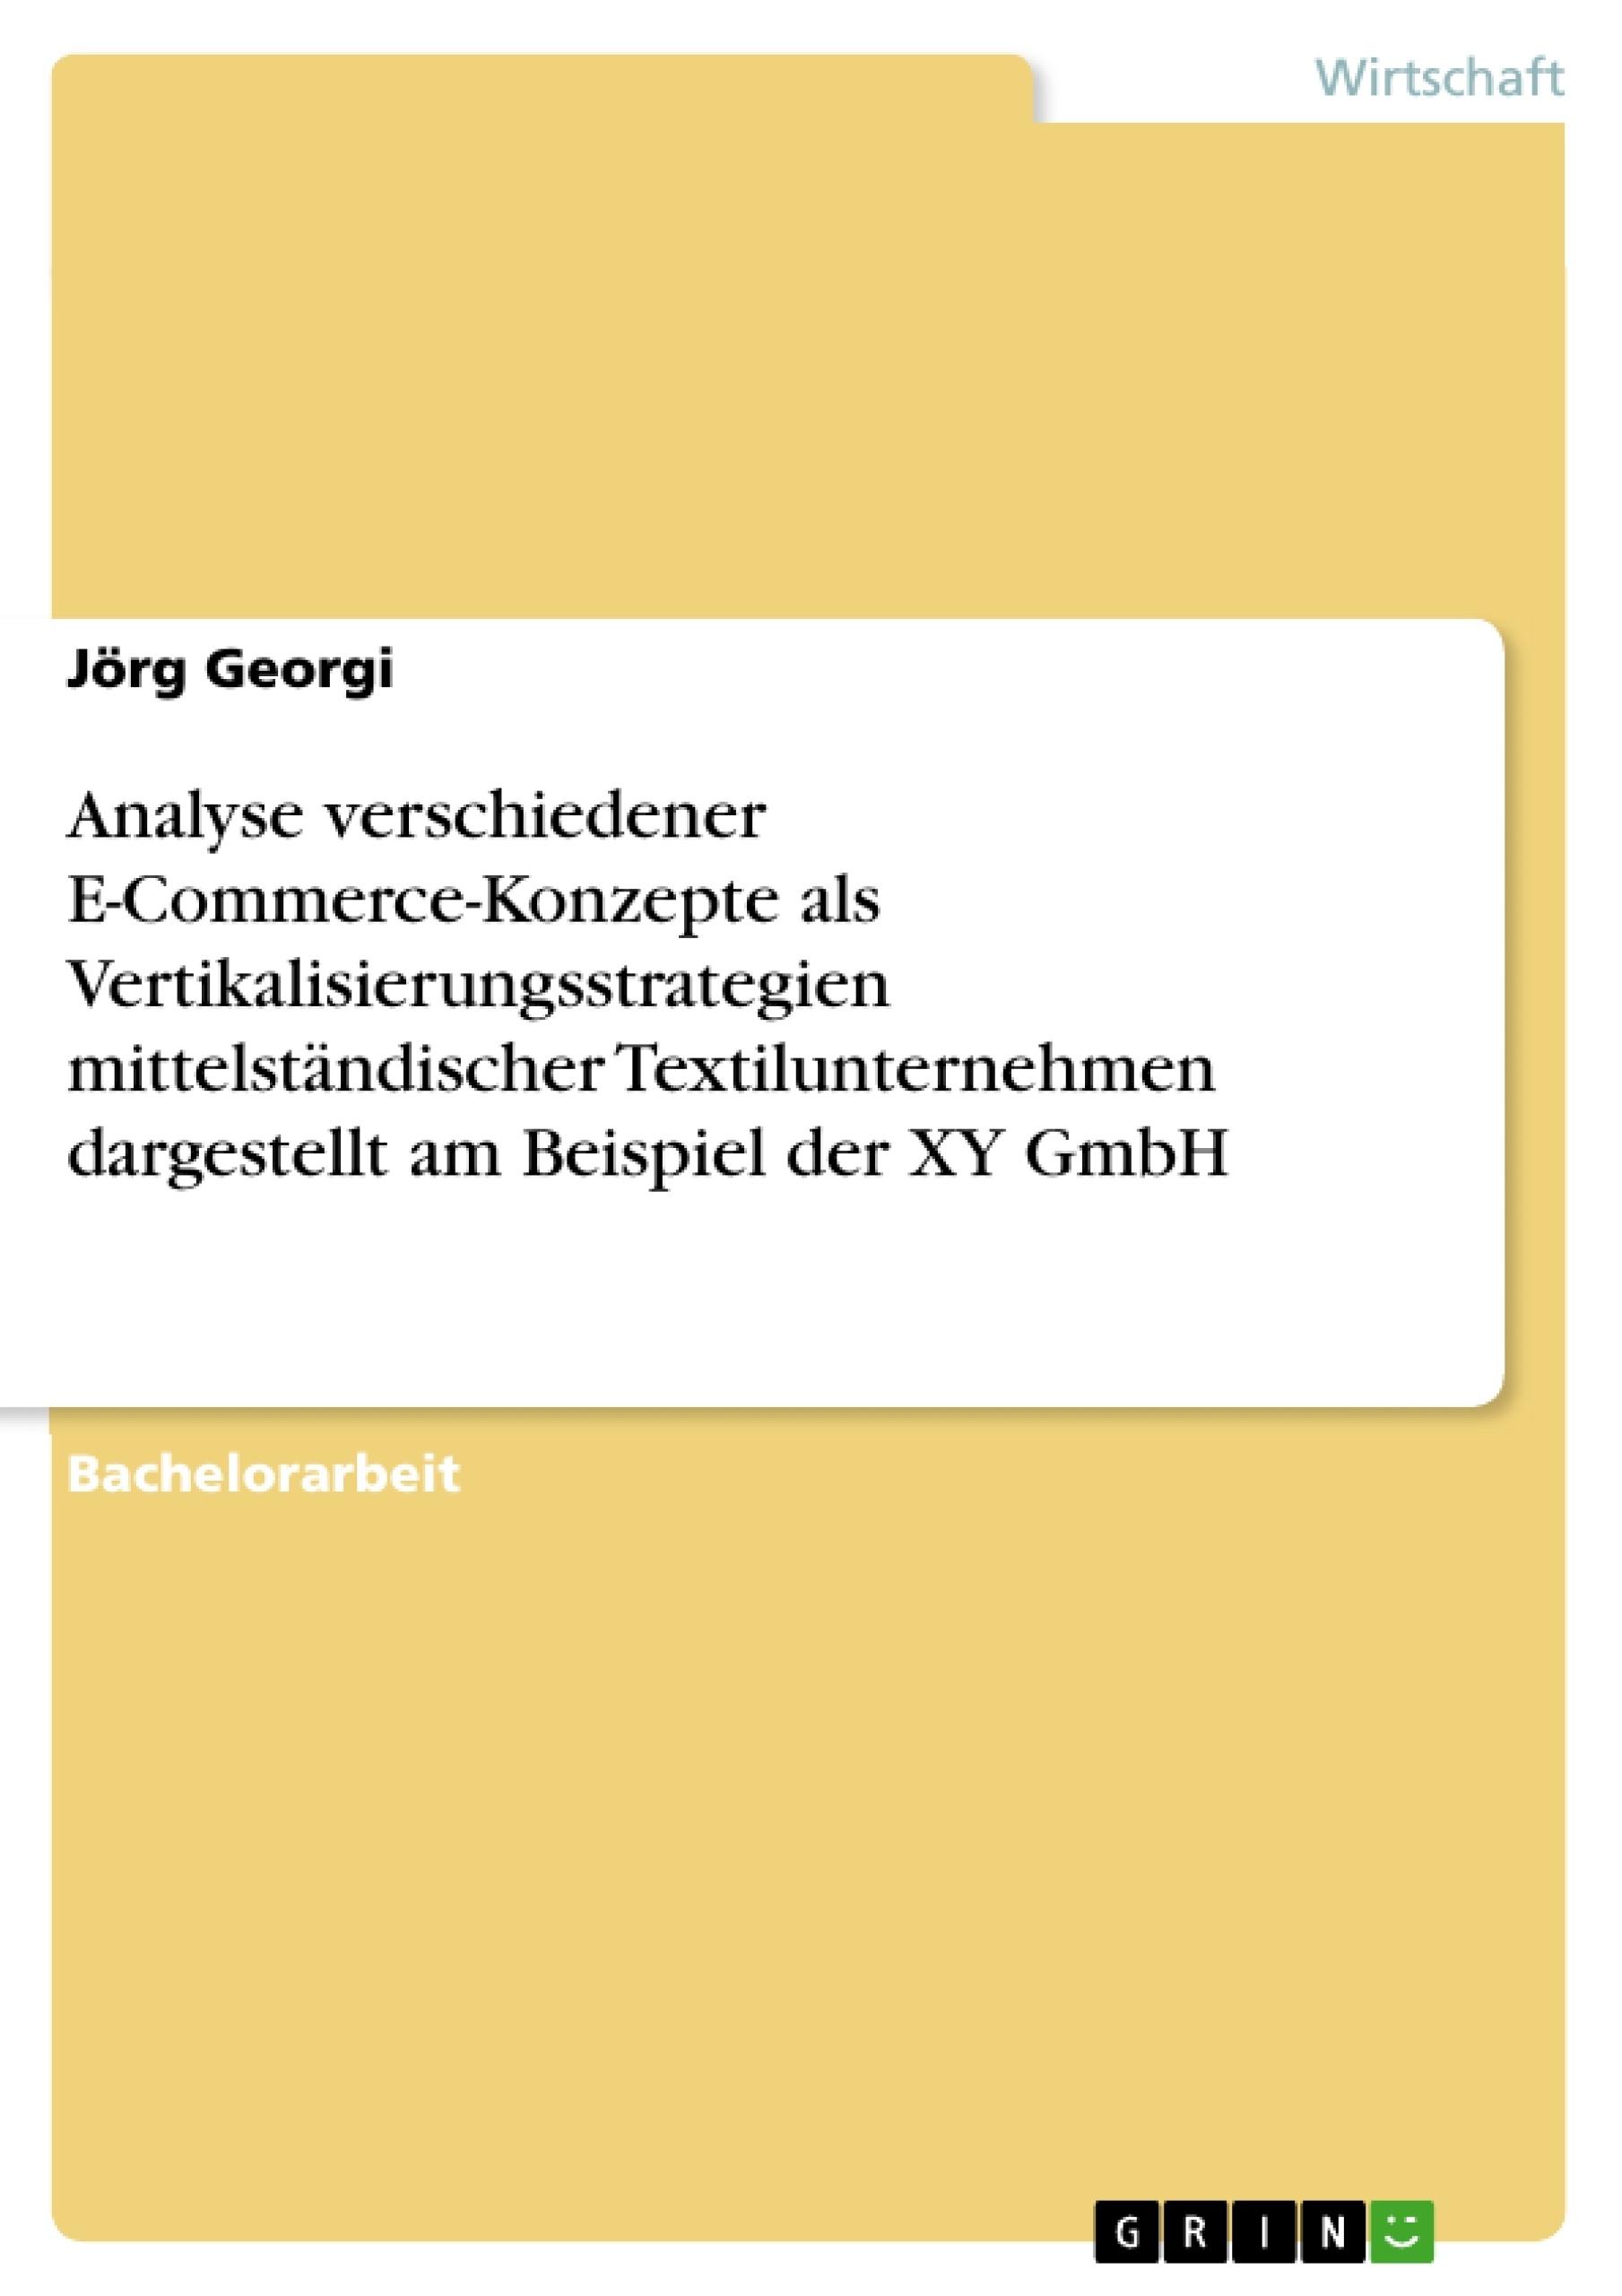 Titel: Analyse verschiedener E-Commerce-Konzepte als  Vertikalisierungsstrategien mittelständischer Textilunternehmen dargestellt am Beispiel der XY GmbH